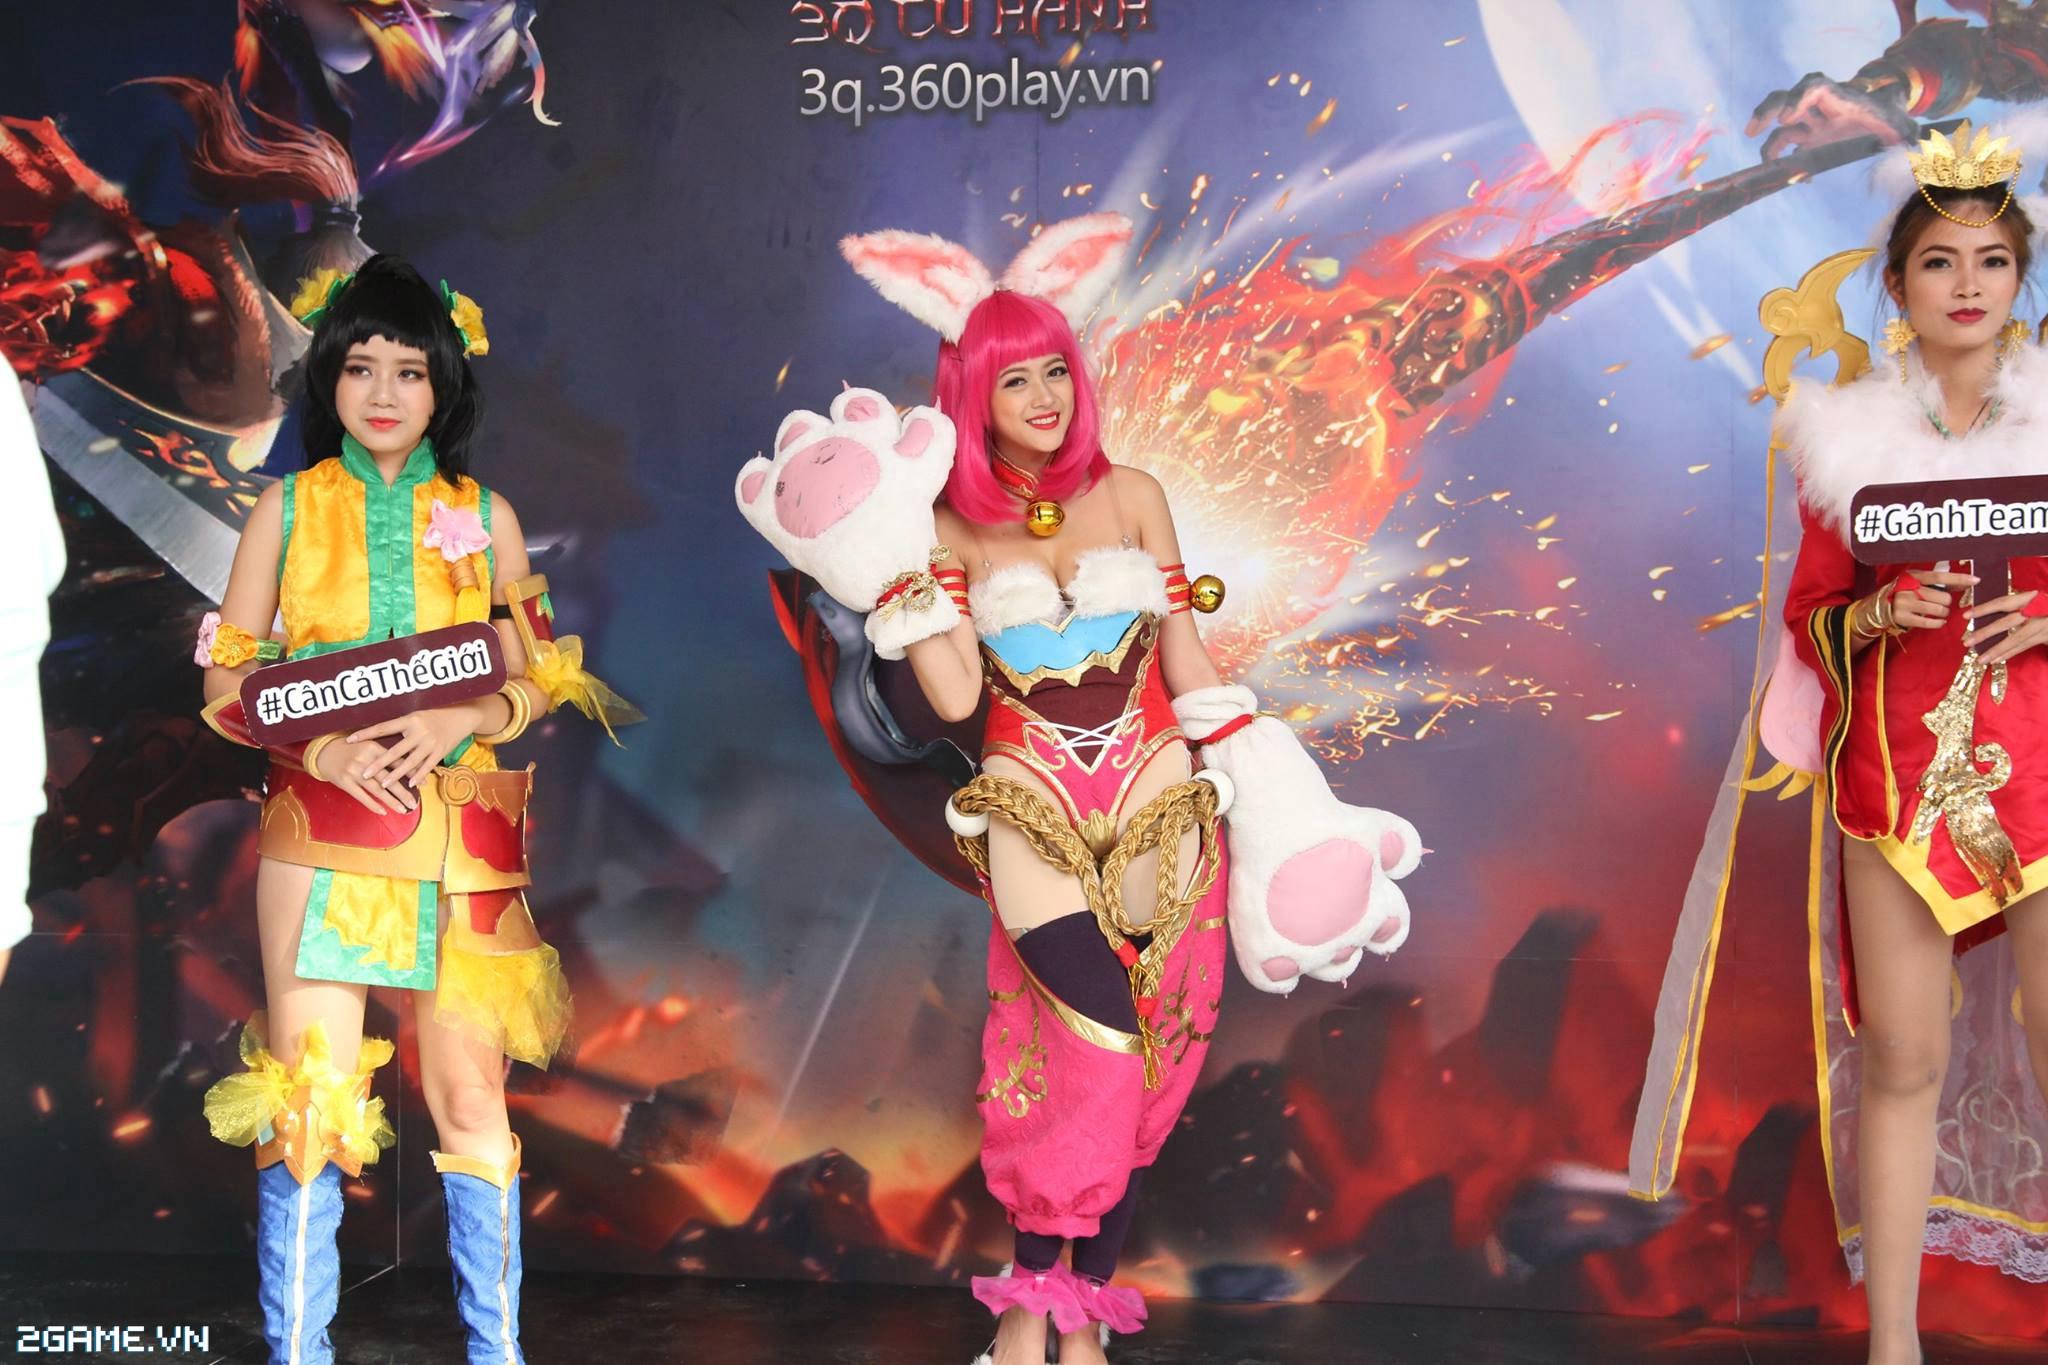 Điểm mặt các cosplay game xuất hiện tại Đại Hội 360mobi 2016 1